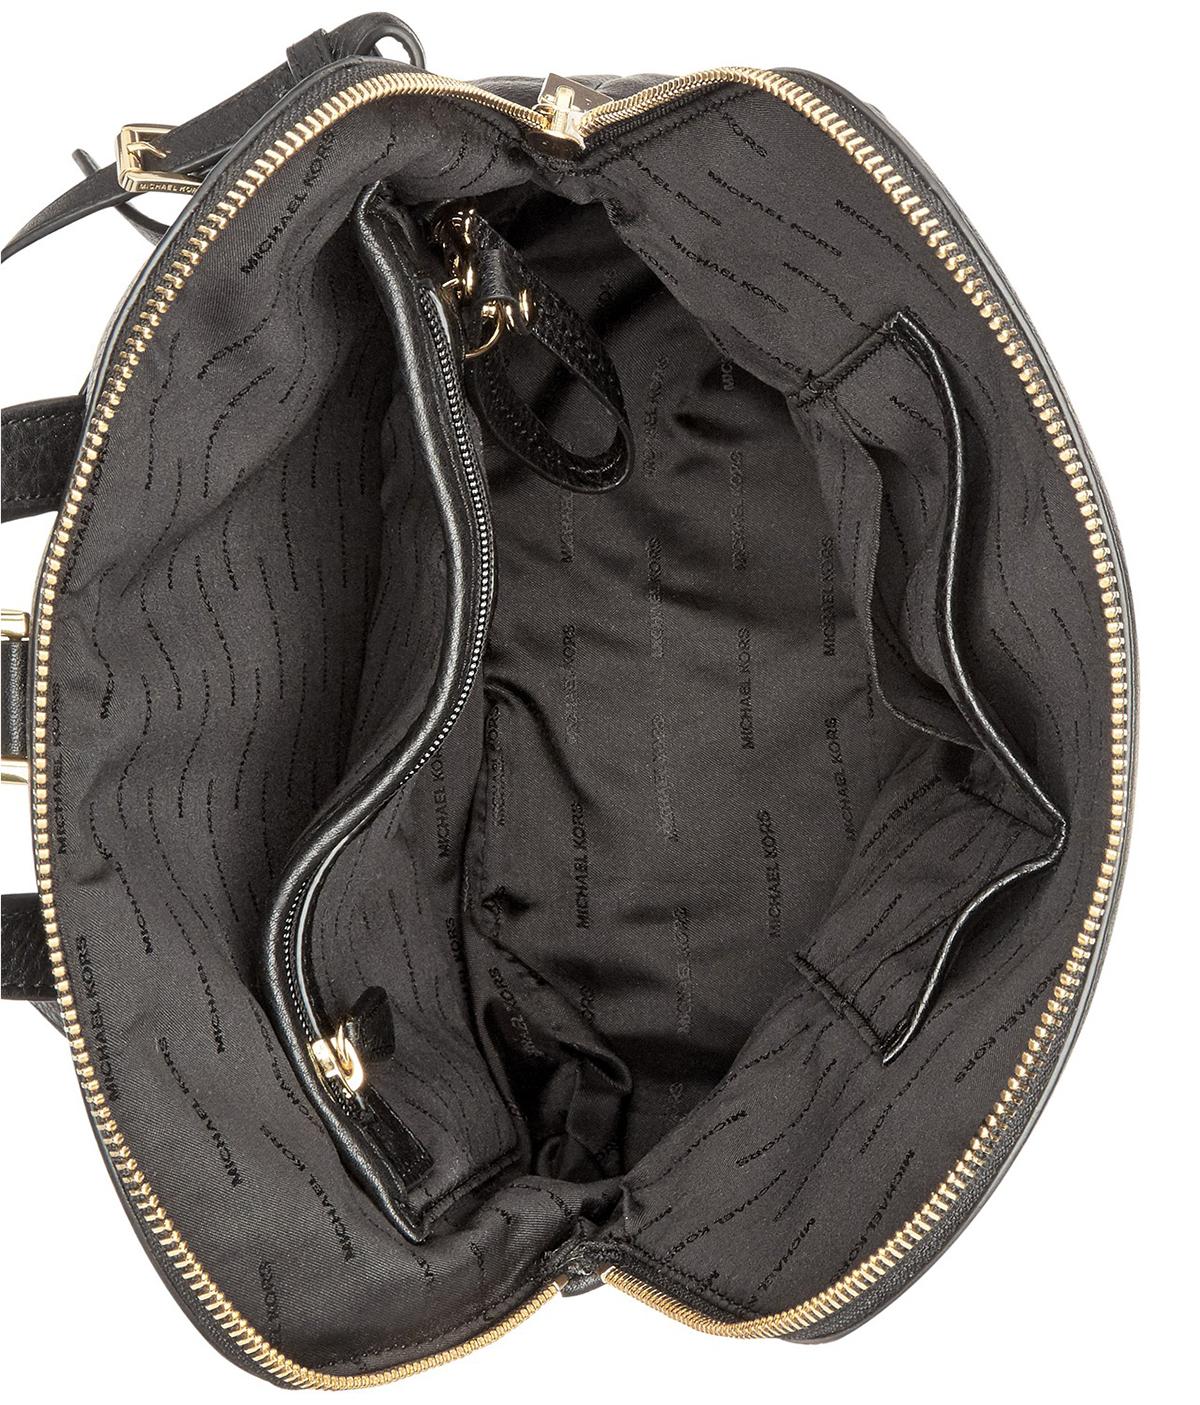 Michael Kors Backpack Inside